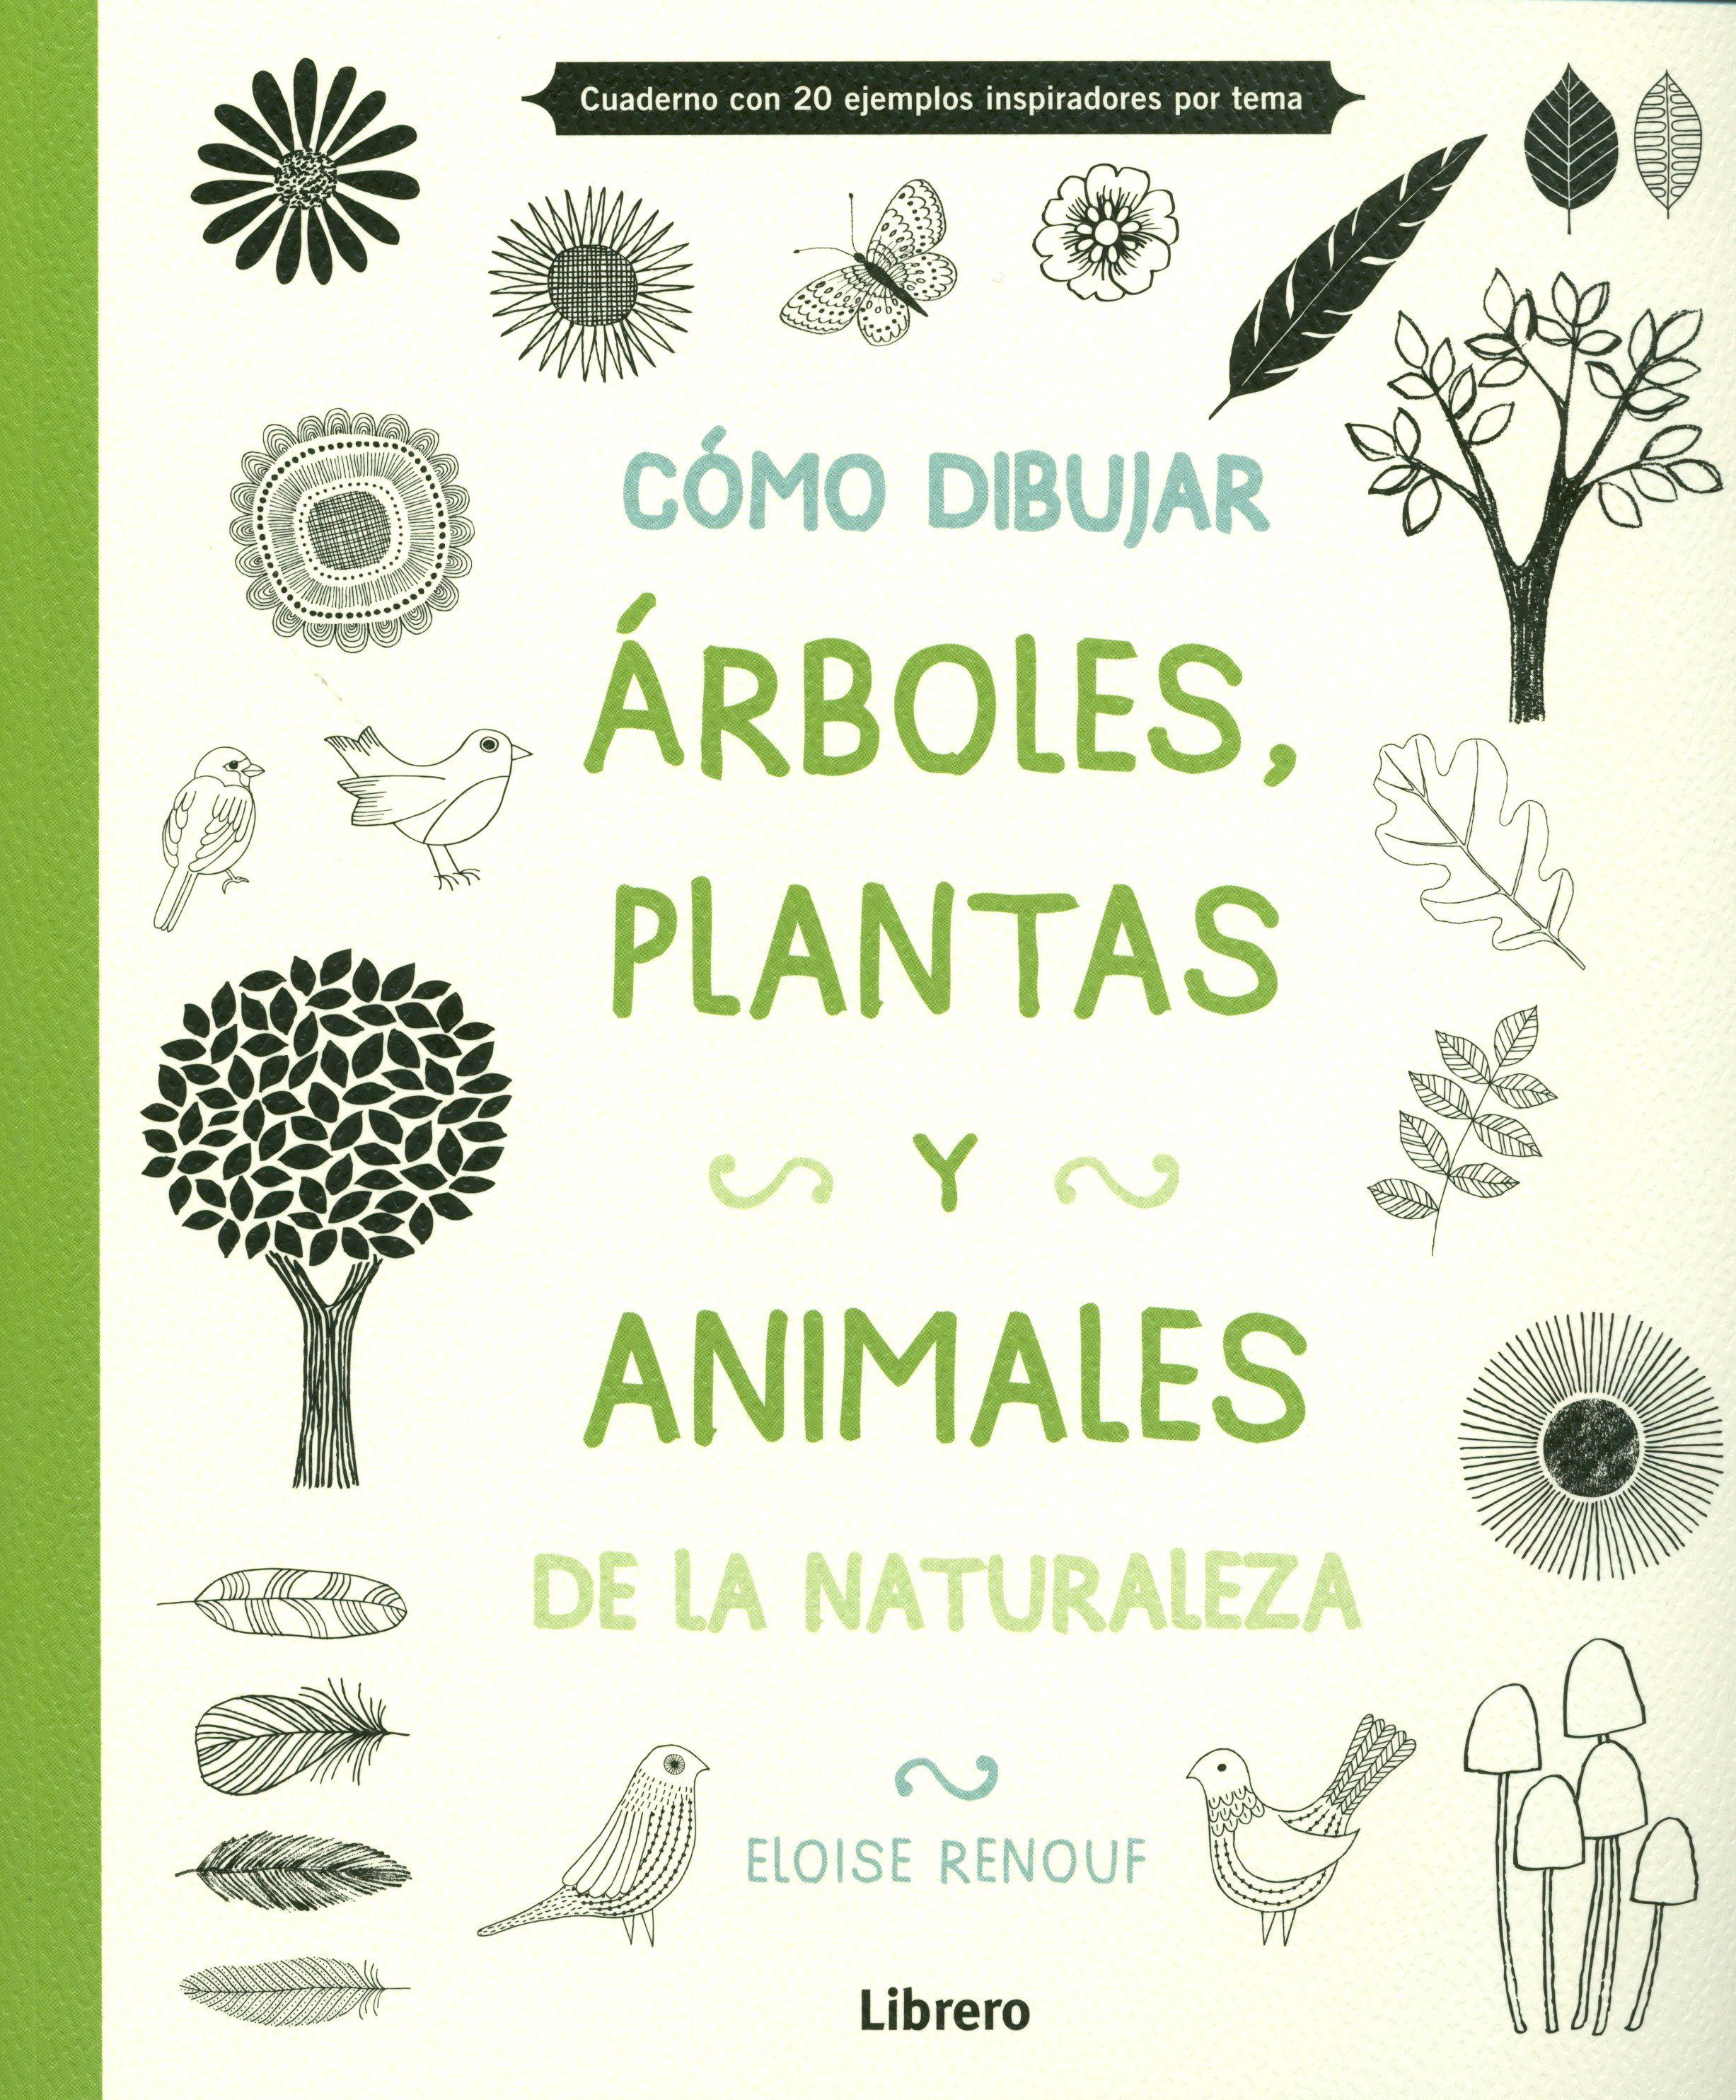 COMO DIBUJAR  ARBOLES PLANTAS Y ANIMALES  ELOISE RENOUF